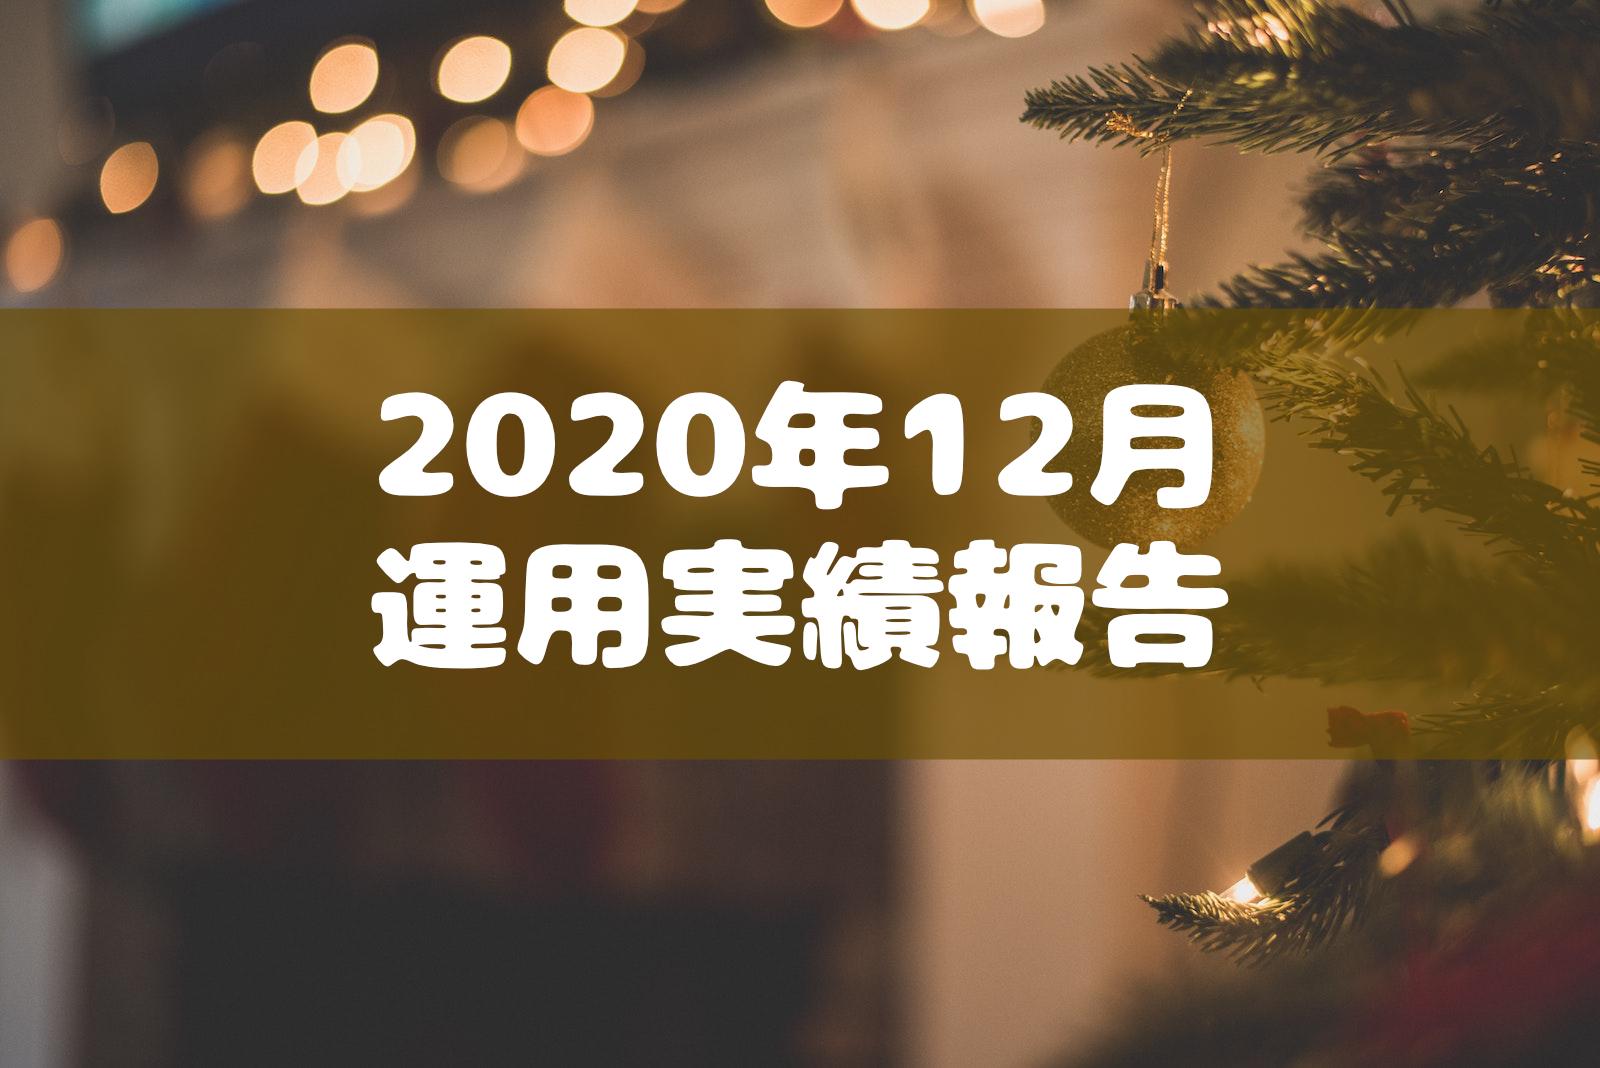 2020年12月運用実績報告